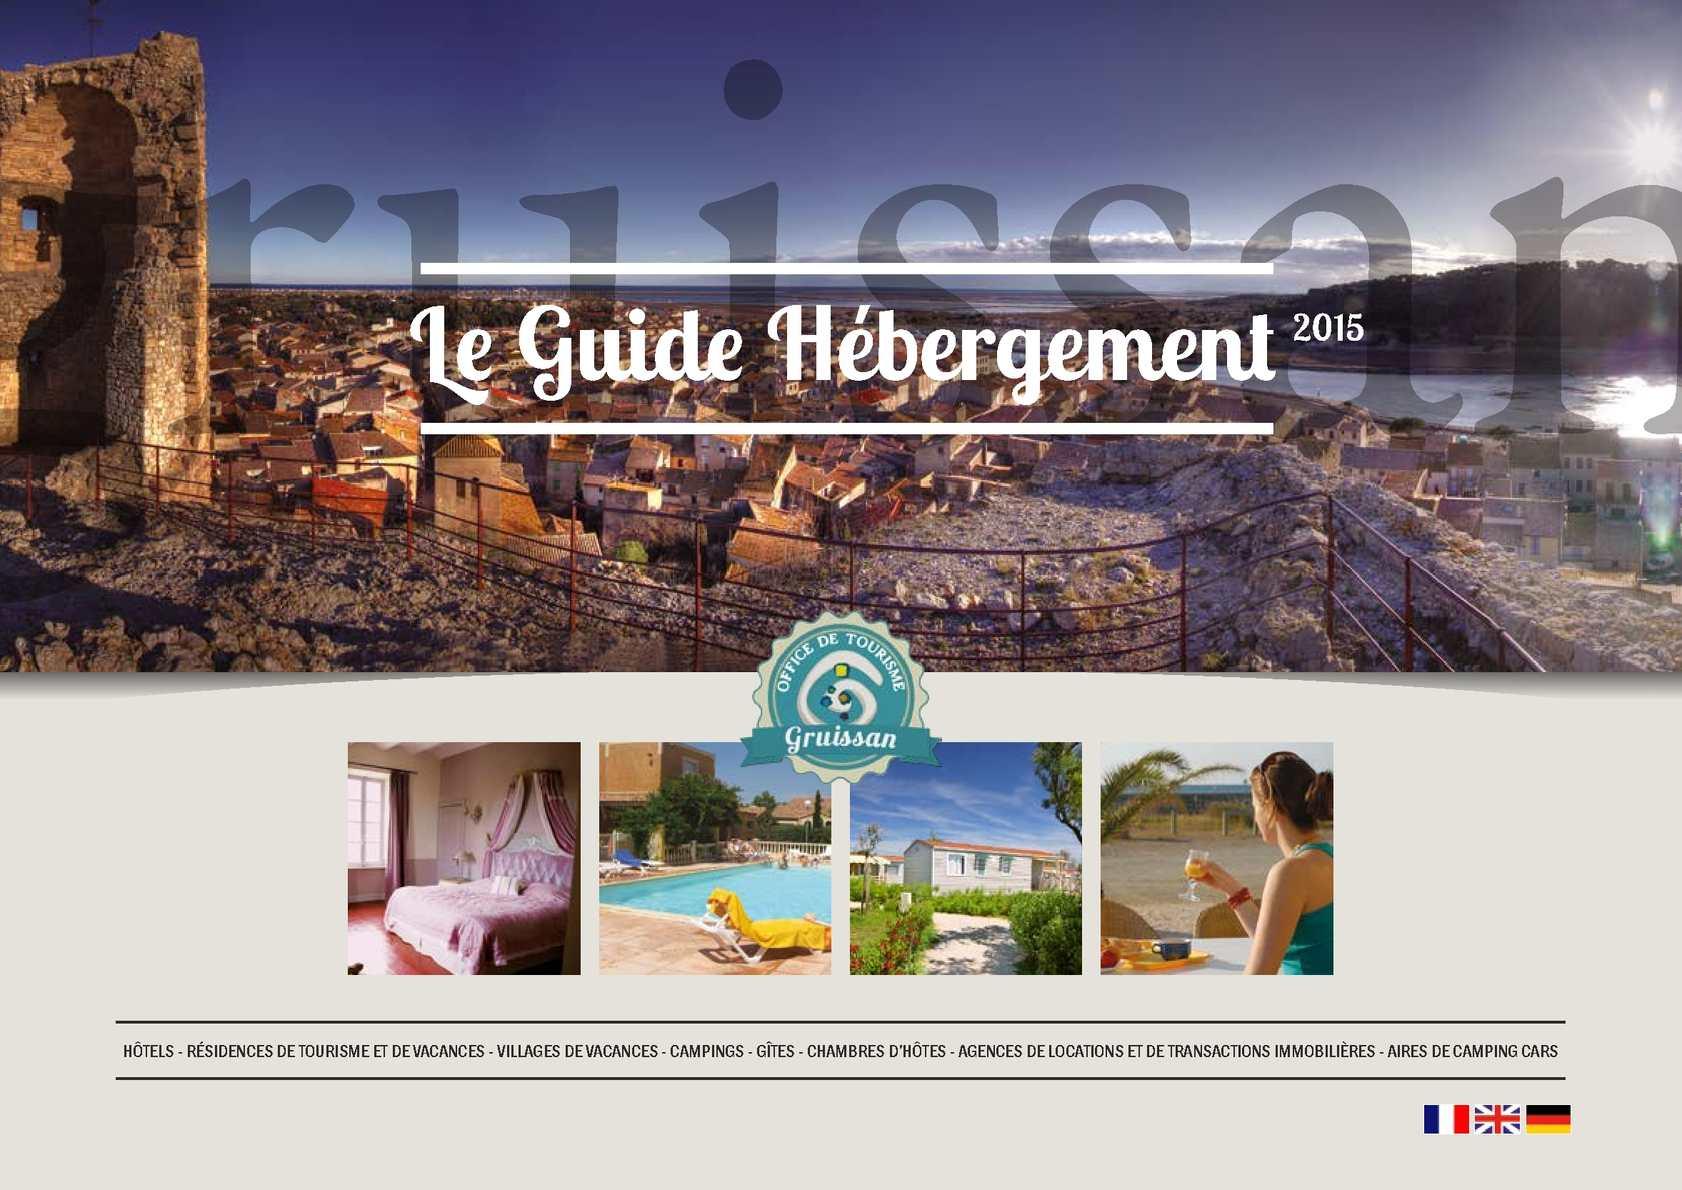 Calaméo Guide des Hébergements de Gruissan 2015